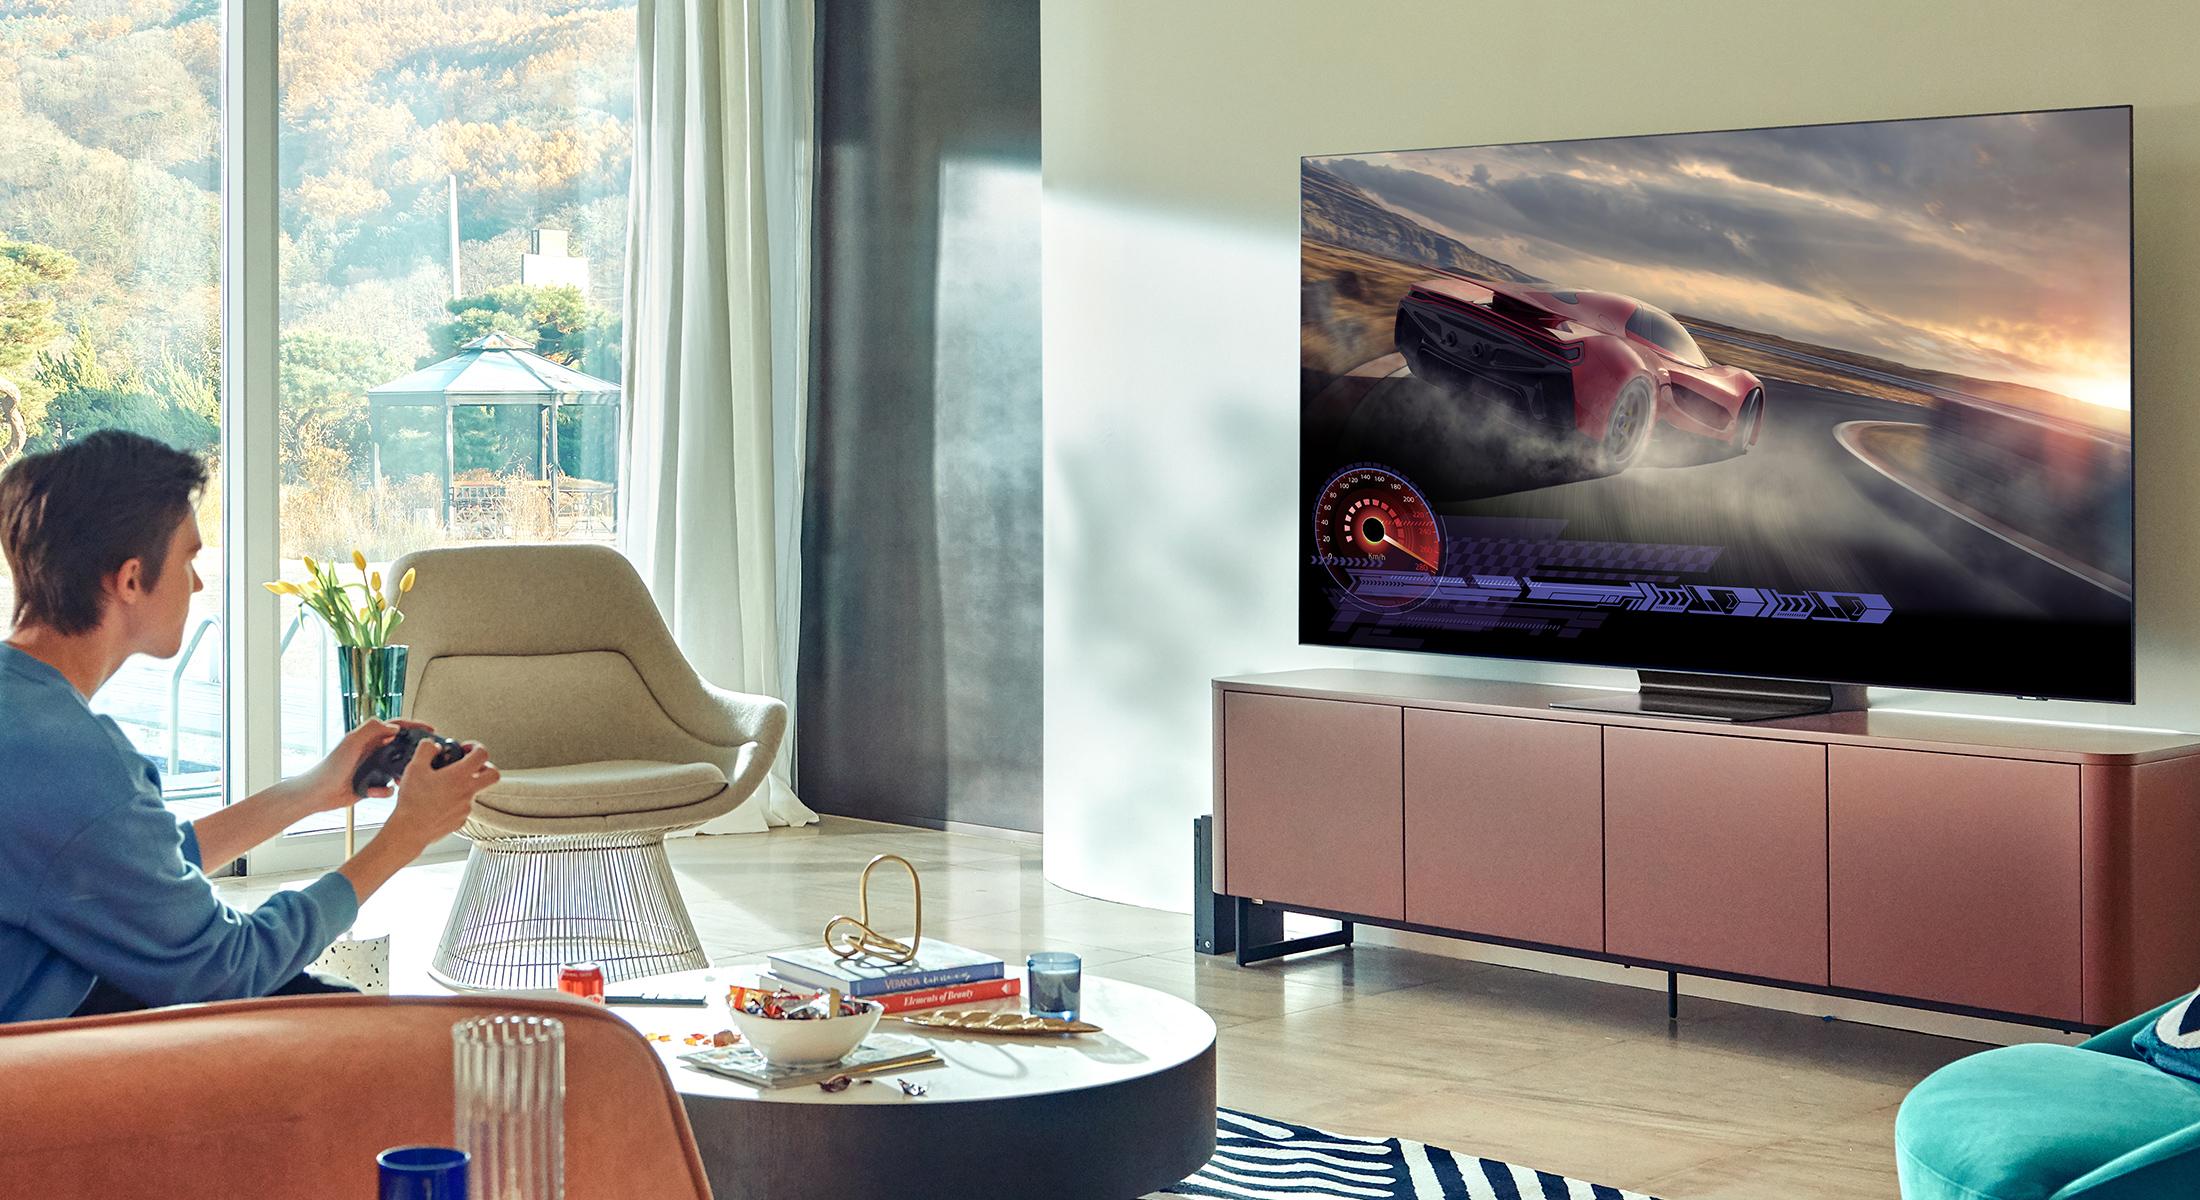 jusqu'à 500 euros de remise sur les nouveaux téléviseurs Mini-Led de Samsung chez Darty